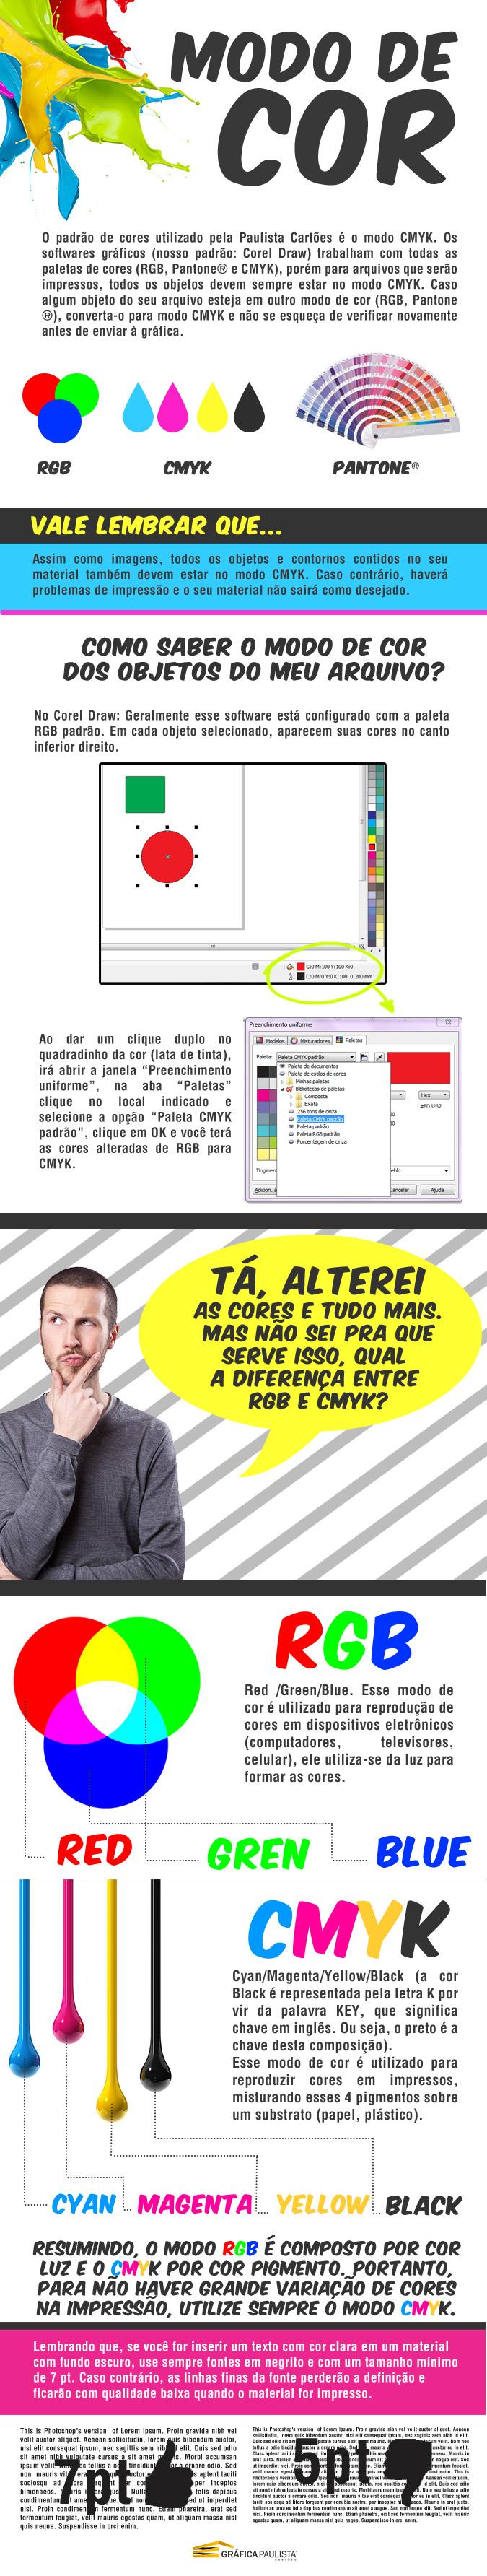 Infografico-MODO-DE-COR-original